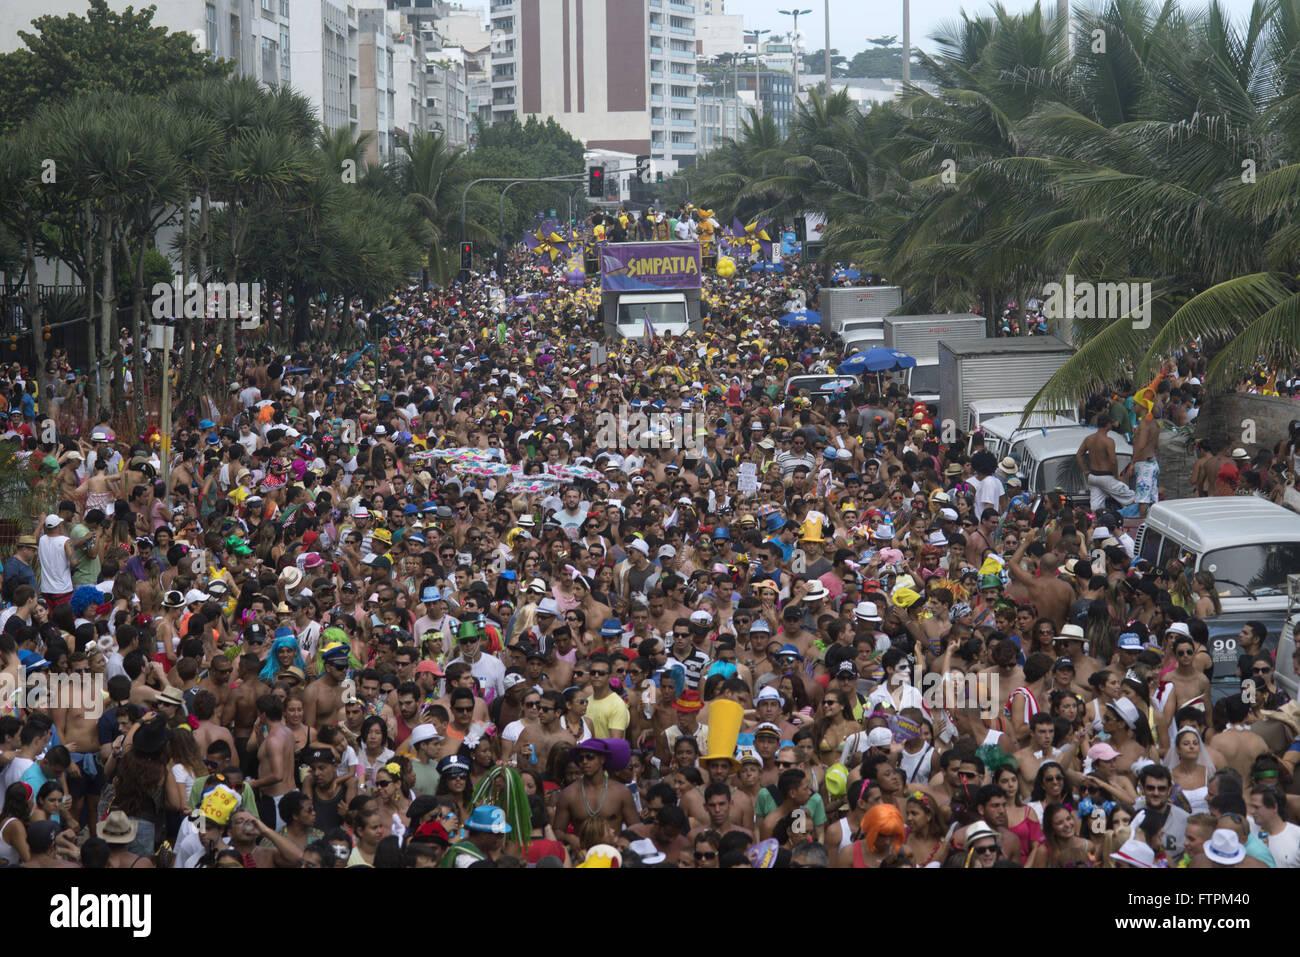 À la suite de la foule près de l'amour et la sympathie remarque sur l'Avenida Vieira Souto Photo Stock